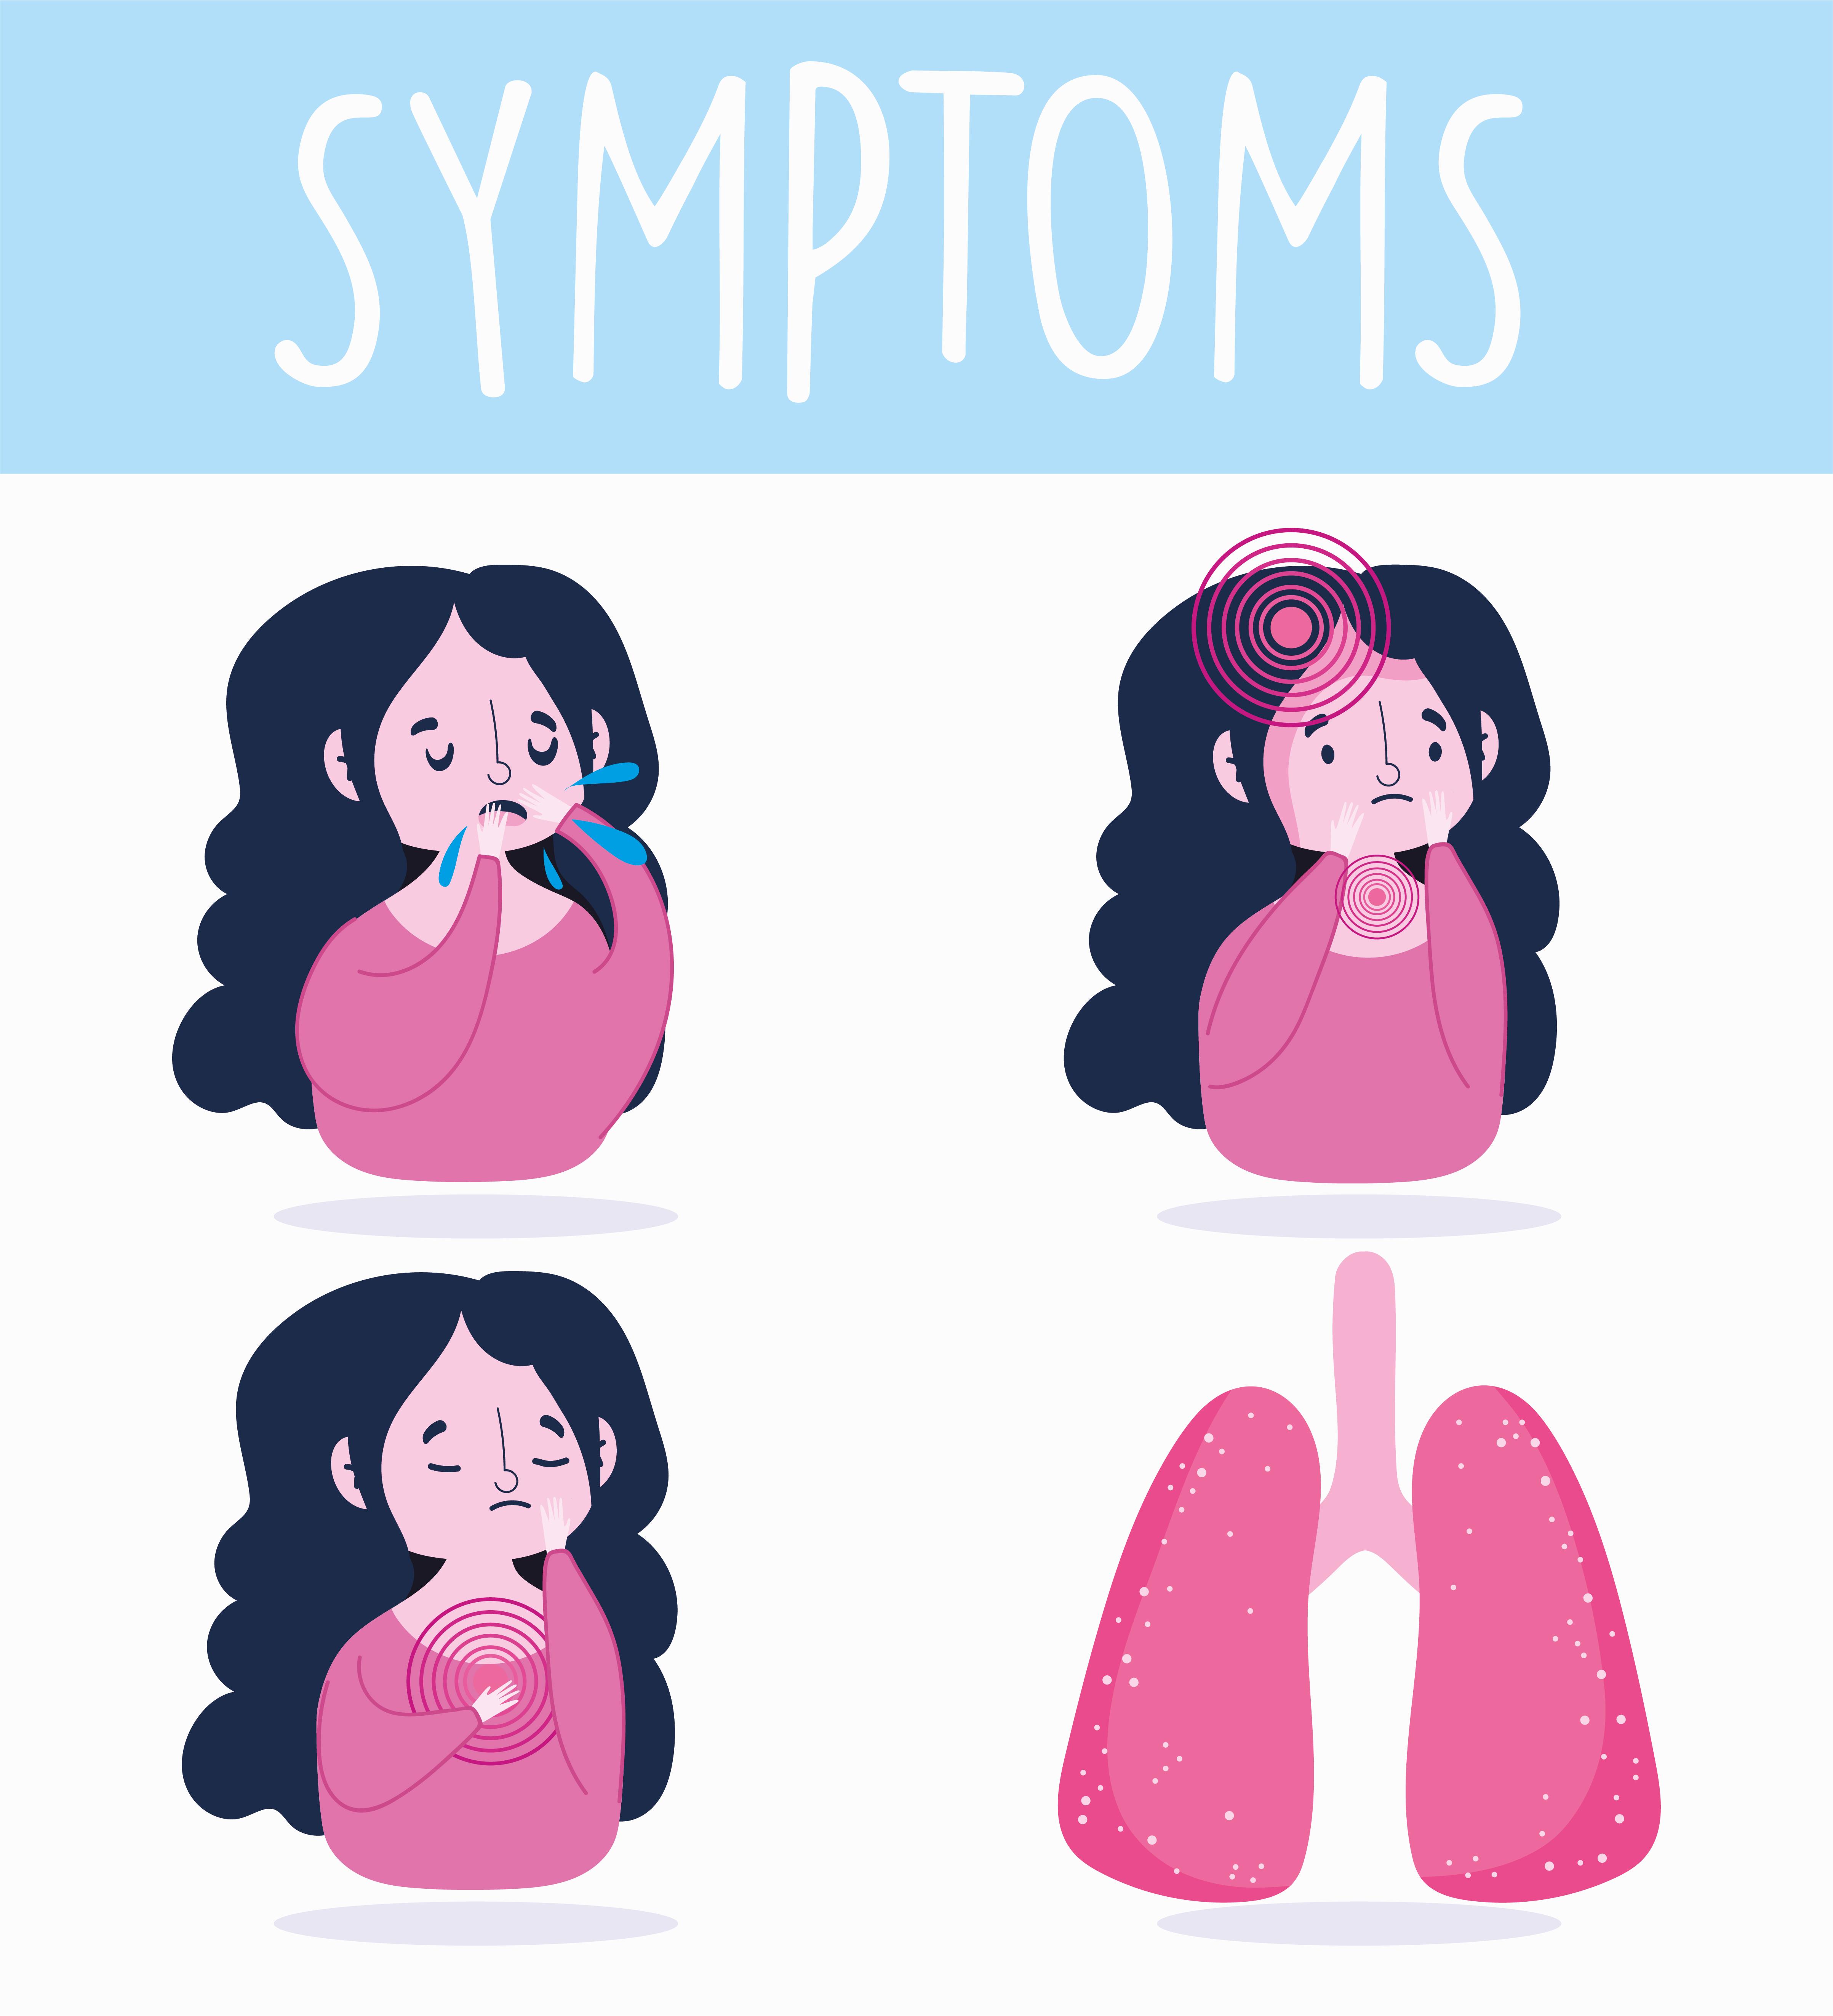 chica morena con conjunto de iconos de síntomas de enfermedad